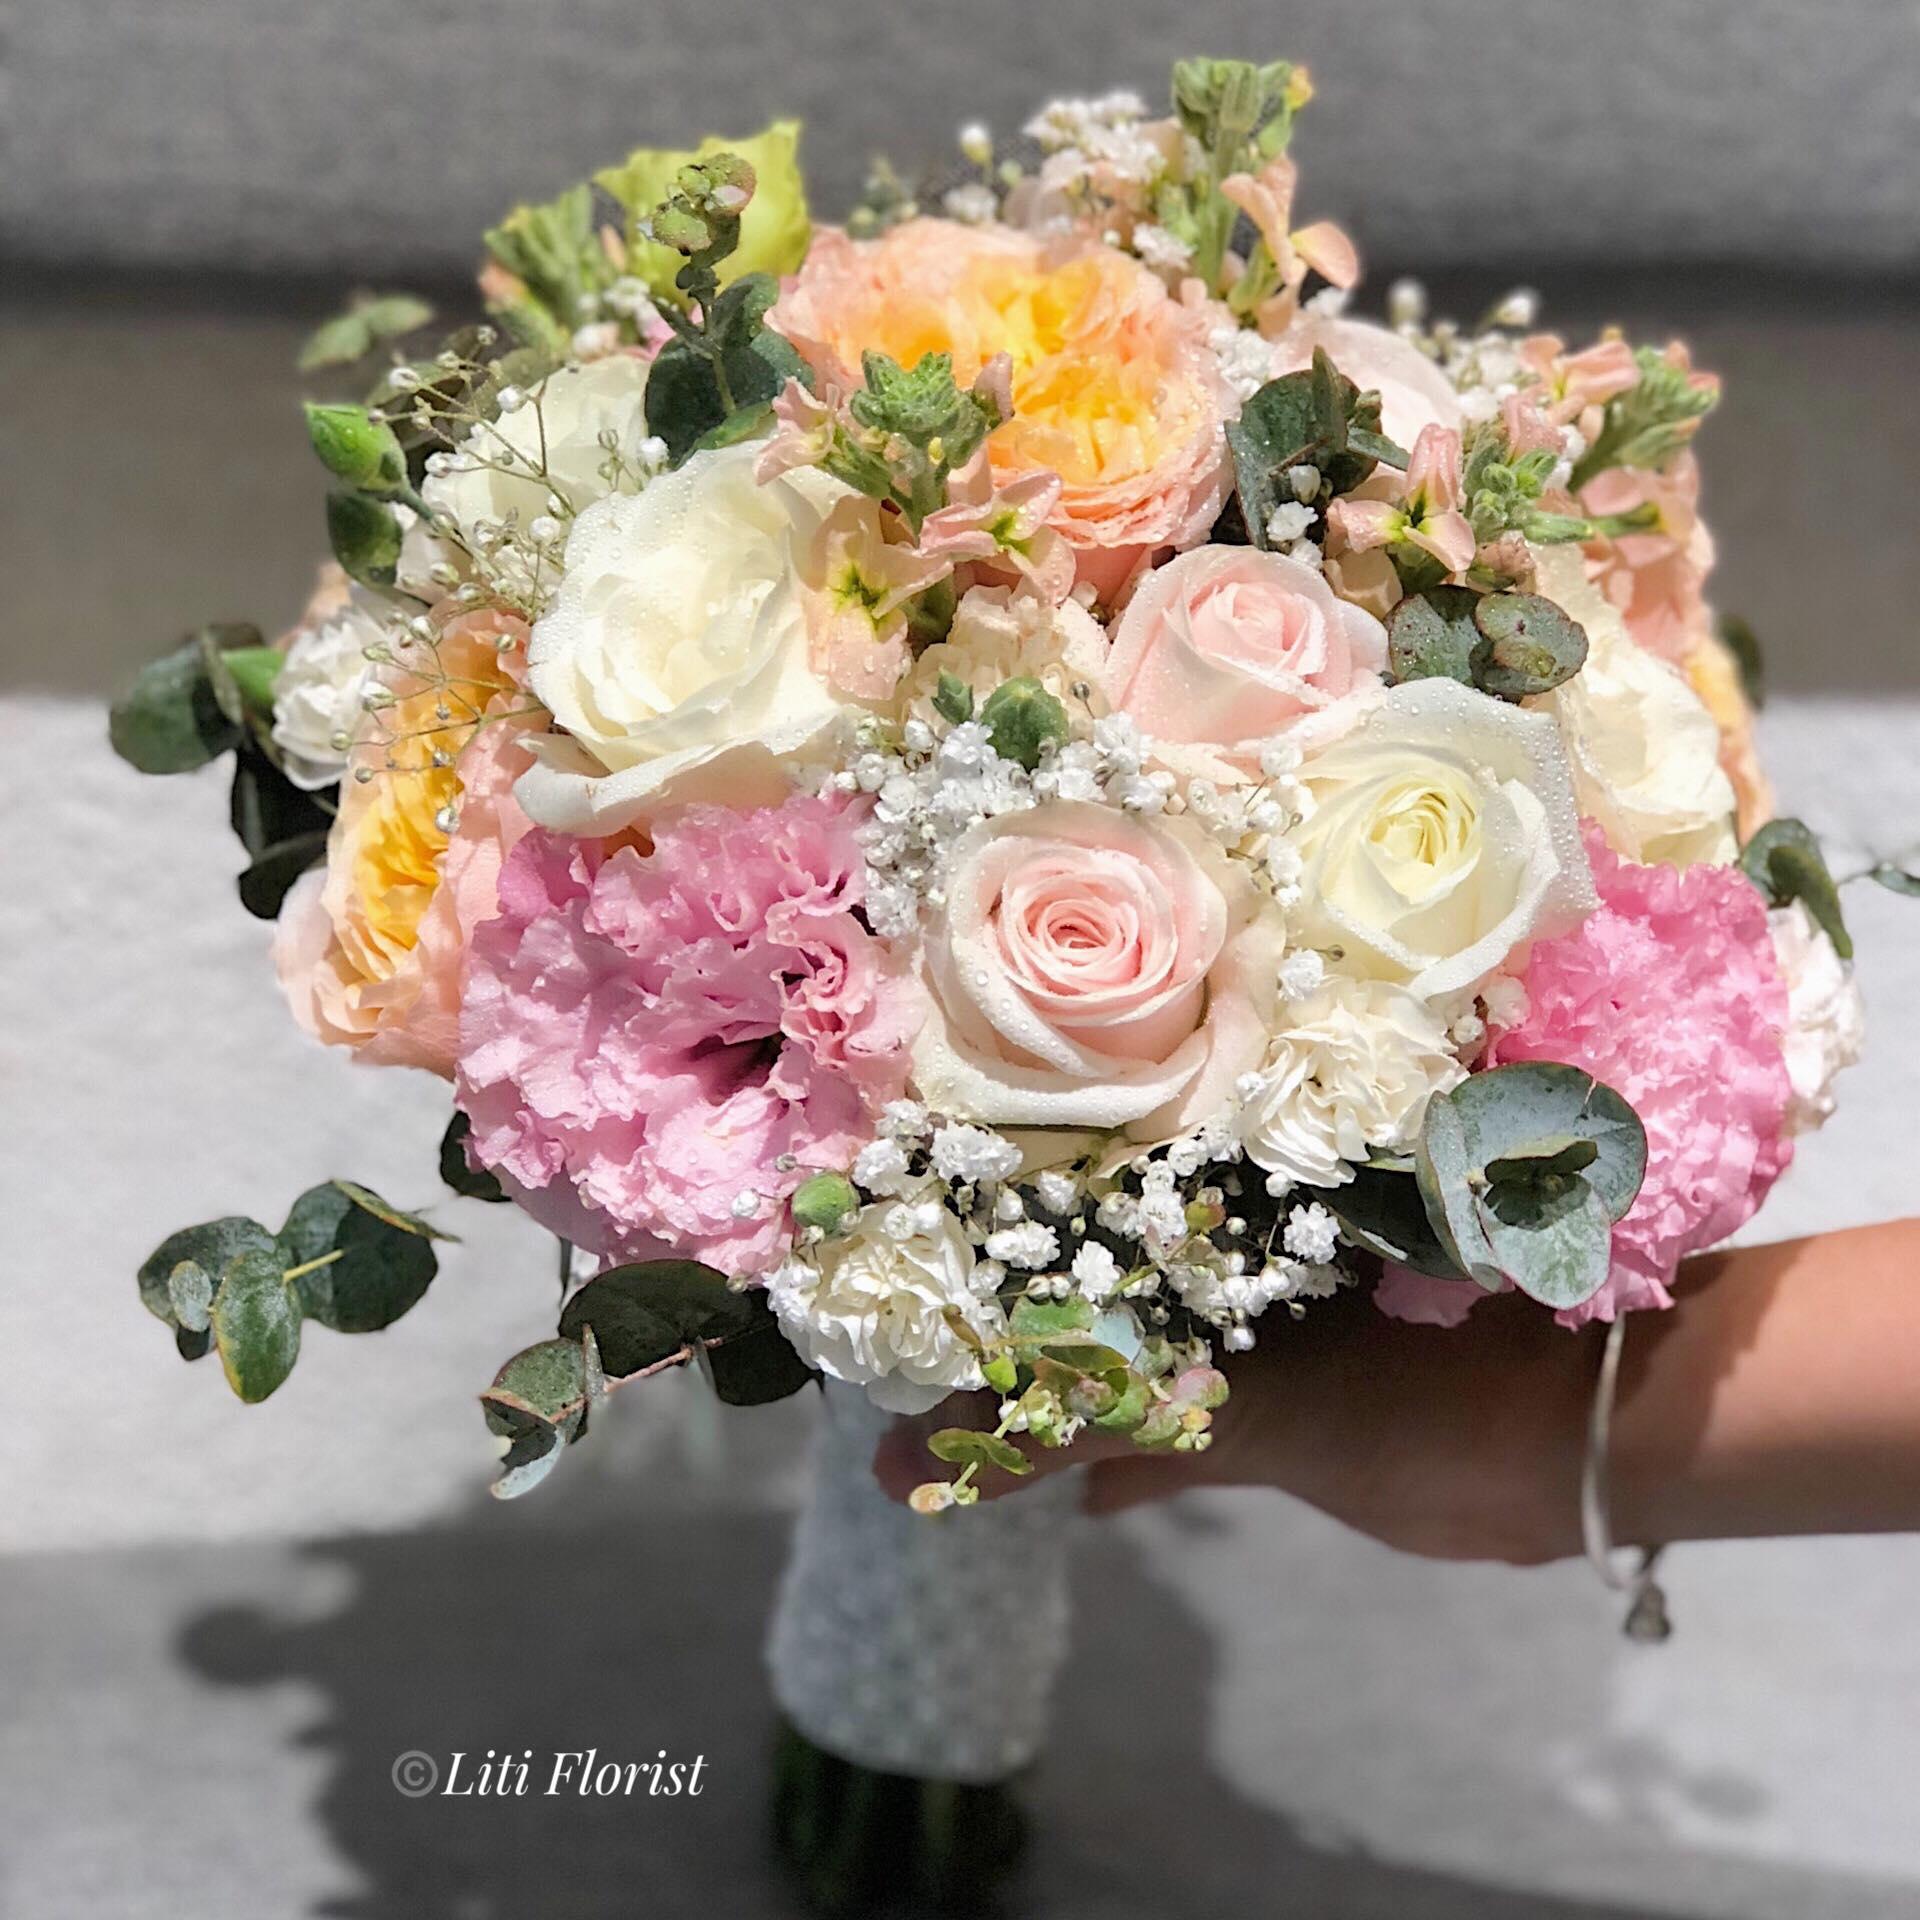 Tại sao trong đám cưới hoa cầm tay lại mang ý nghĩa đặng biệt